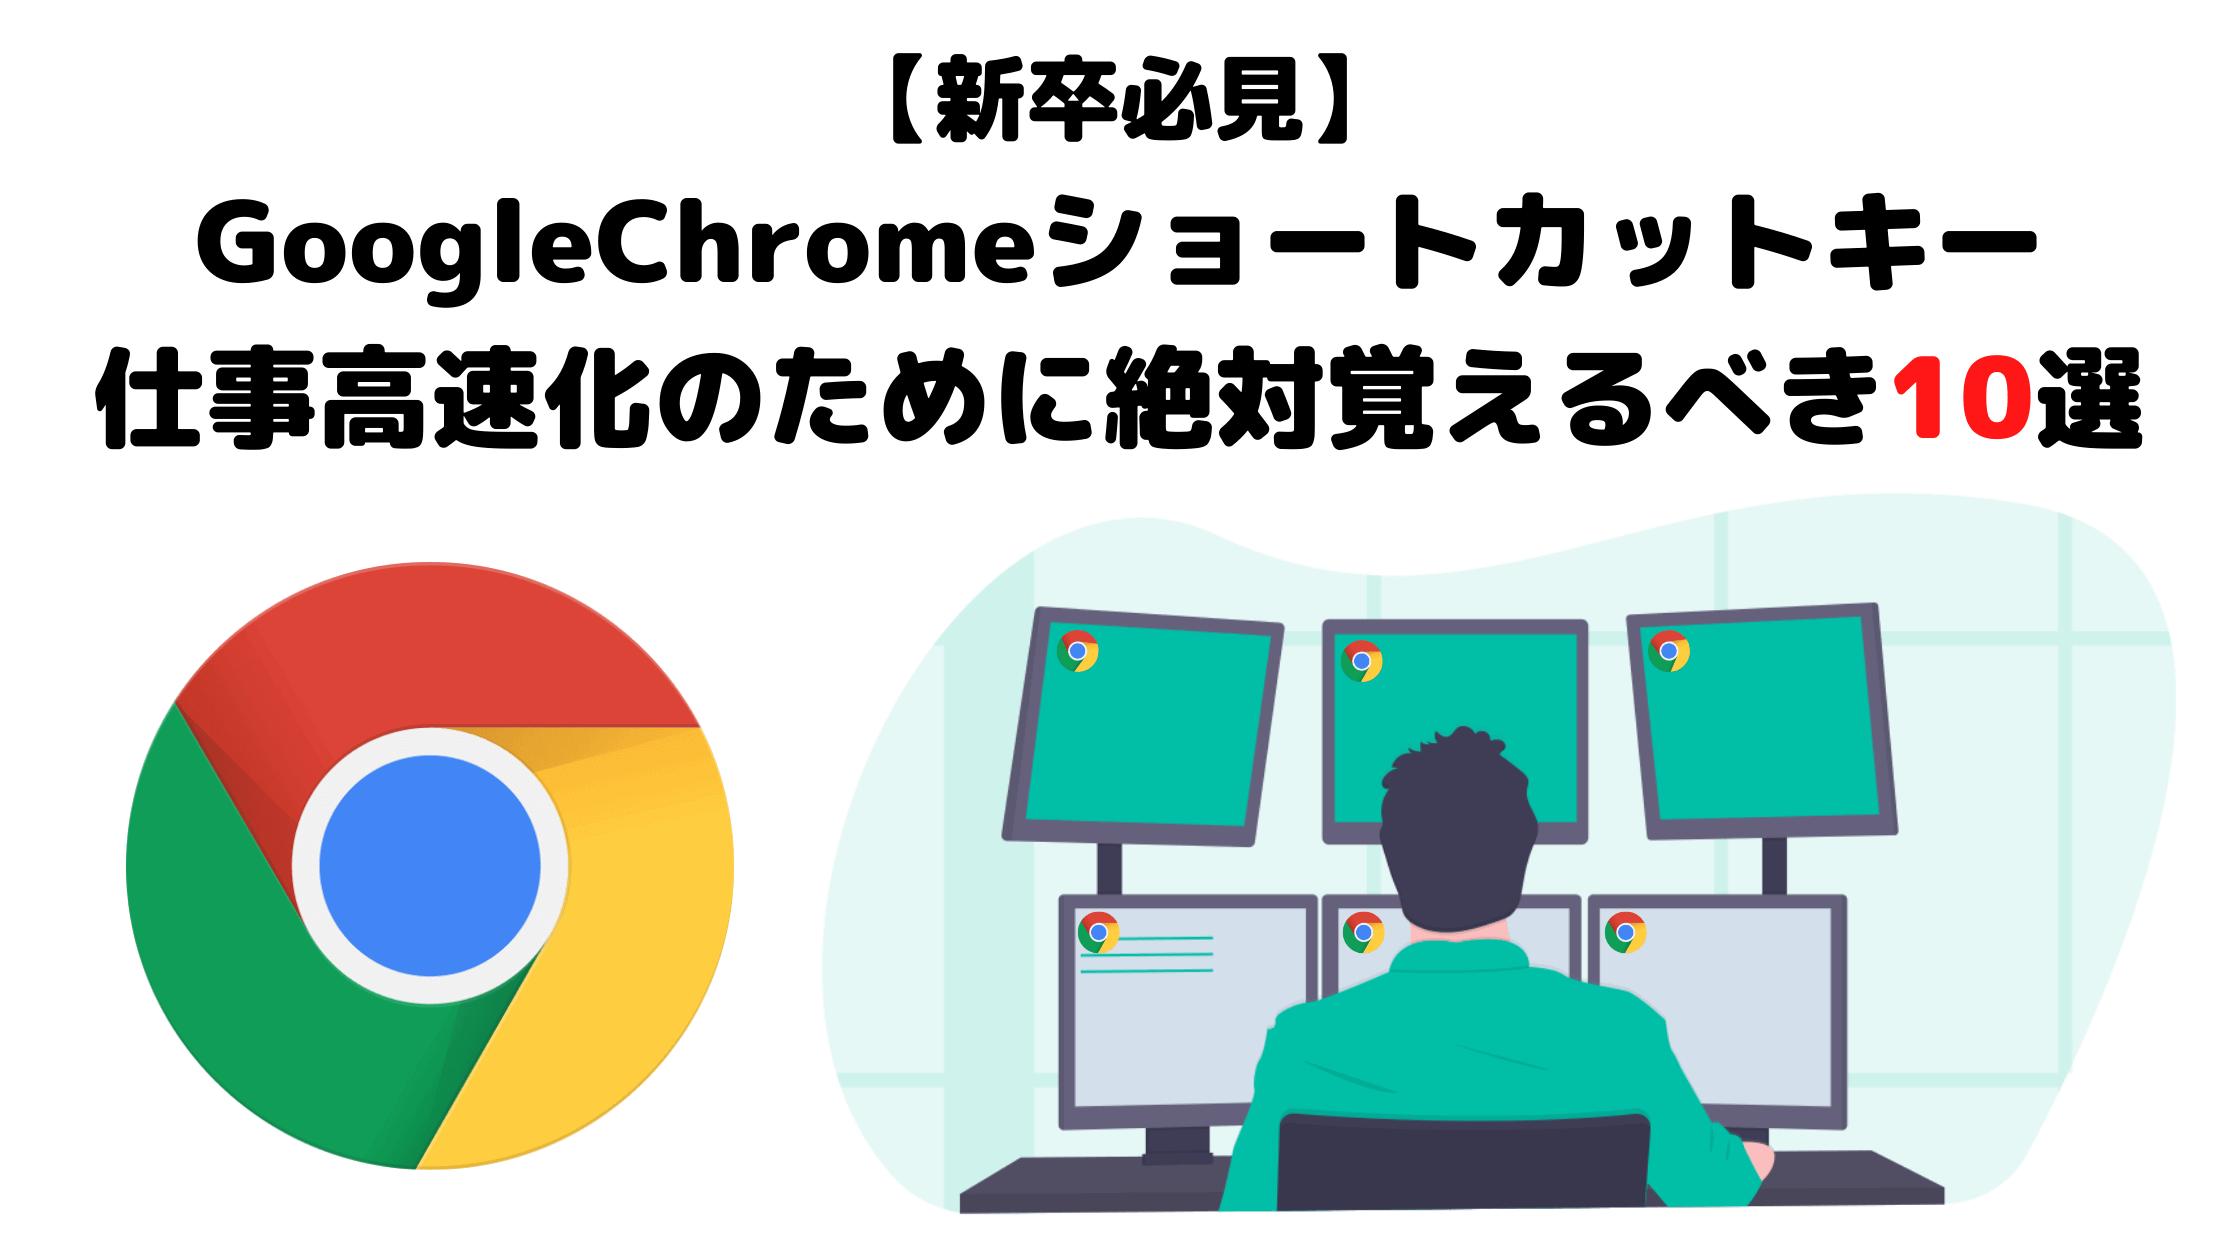 【新卒必見】GoogleChromeショートカットキー|仕事高速化のために絶対覚えるべき10選